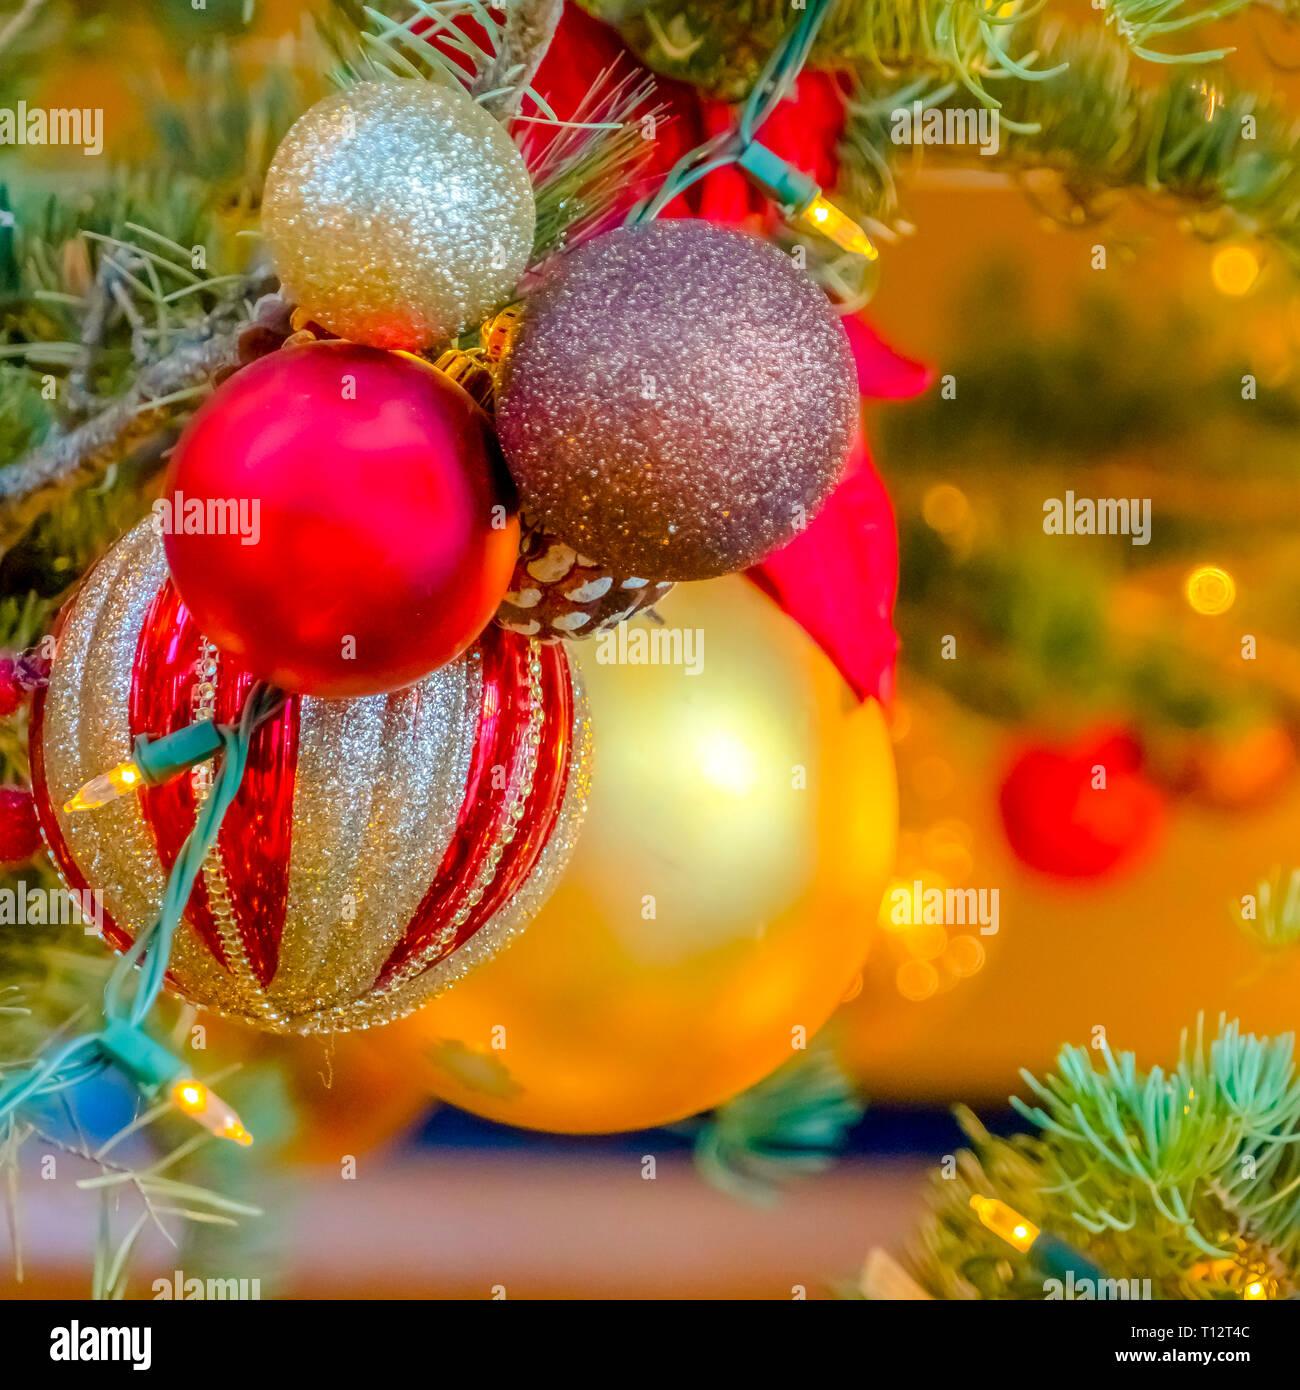 Christbaumkugeln Gelb.Schönen Glitzernden Kugeln Am Weihnachtsbaum In Der Nähe Von